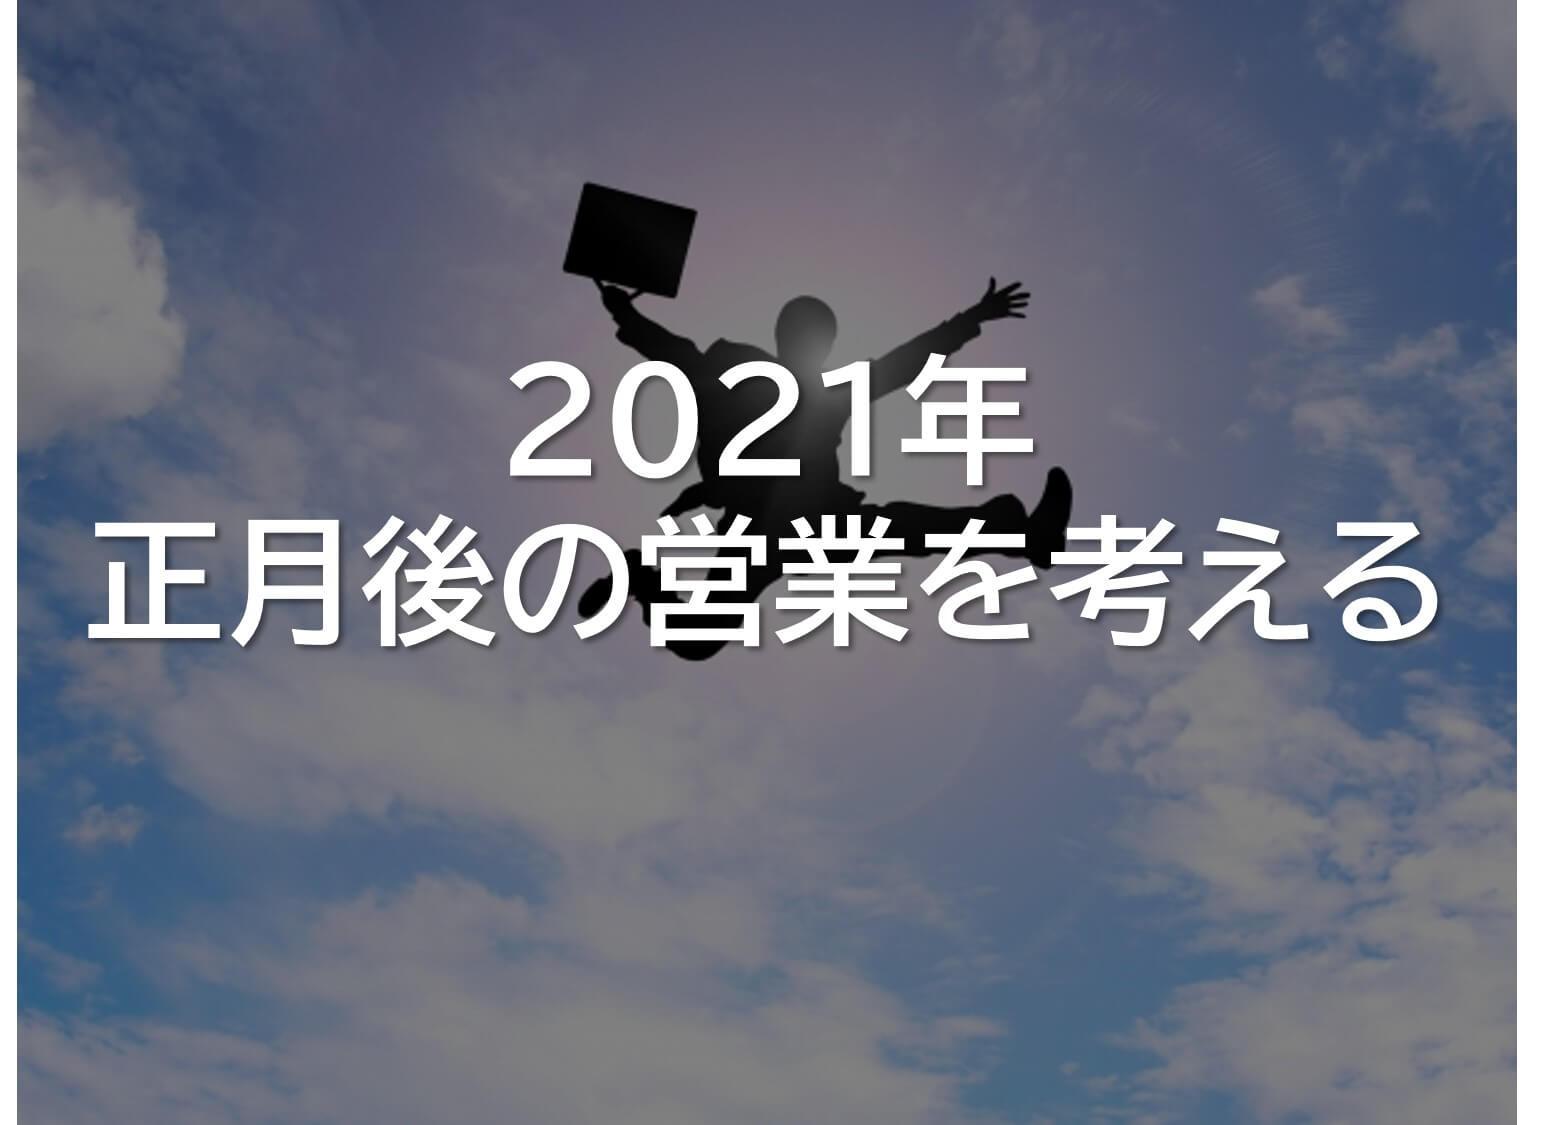 2021年、正月後の営業はこうすべき